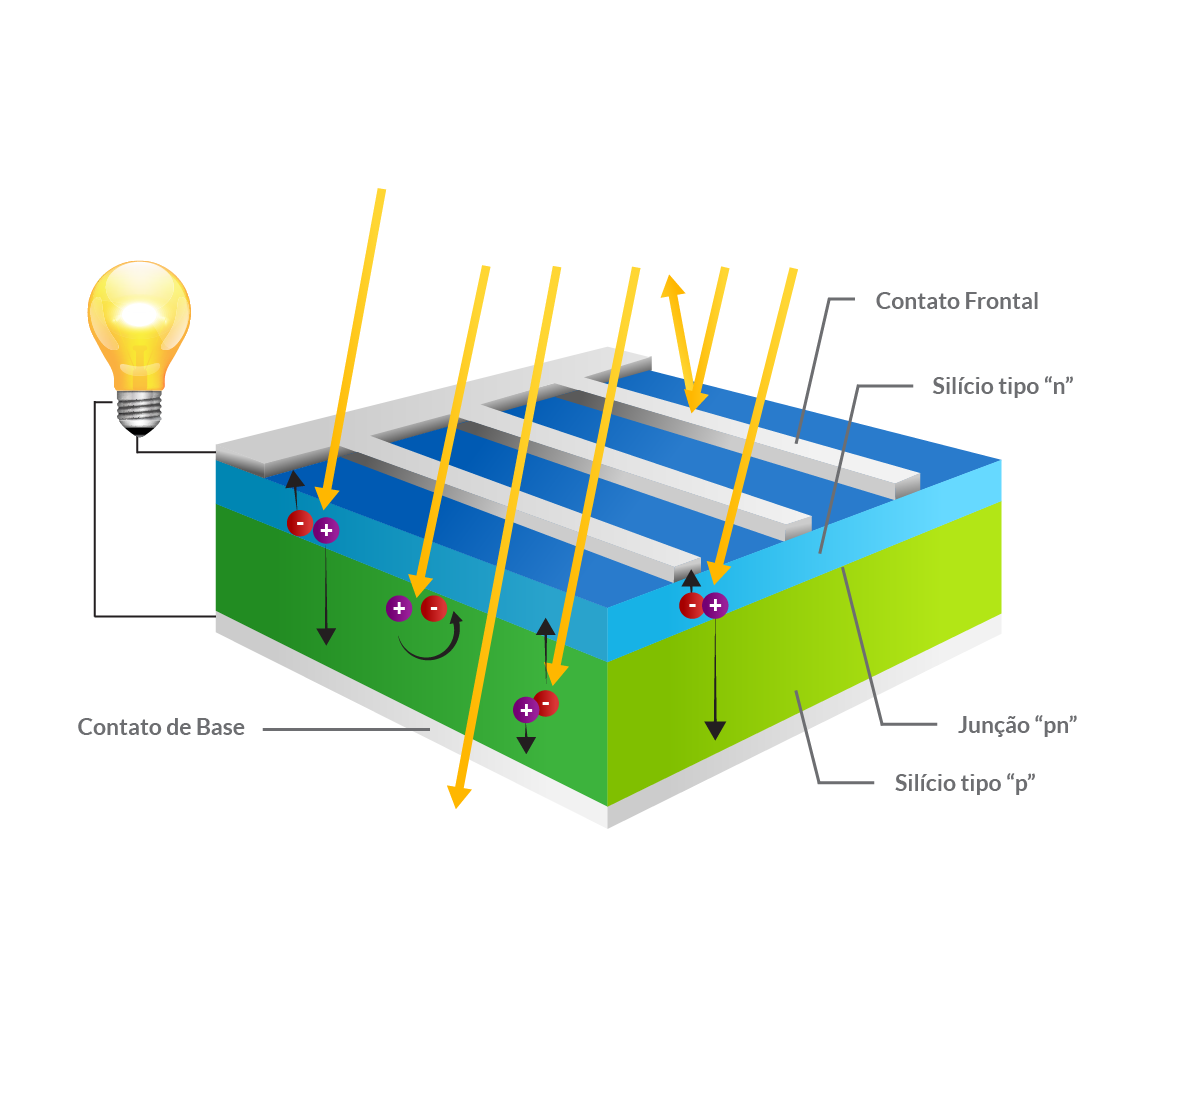 energia solar fotovoltaica _ célula fotovoltaica